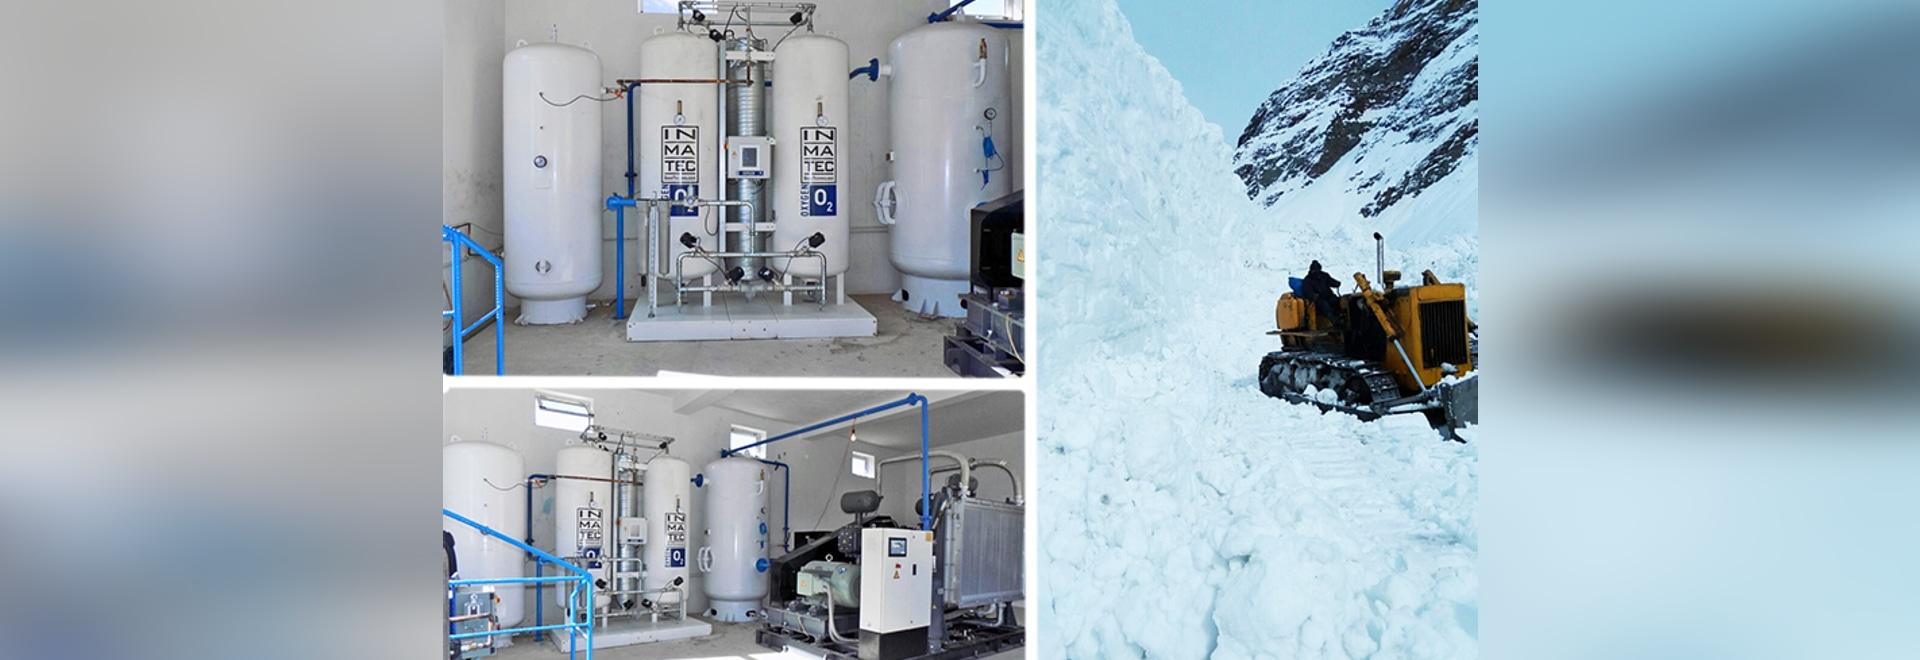 Los suministros de oxígeno en los hospitales o las clínicas situados en áreas inaccesibles son un desafío.